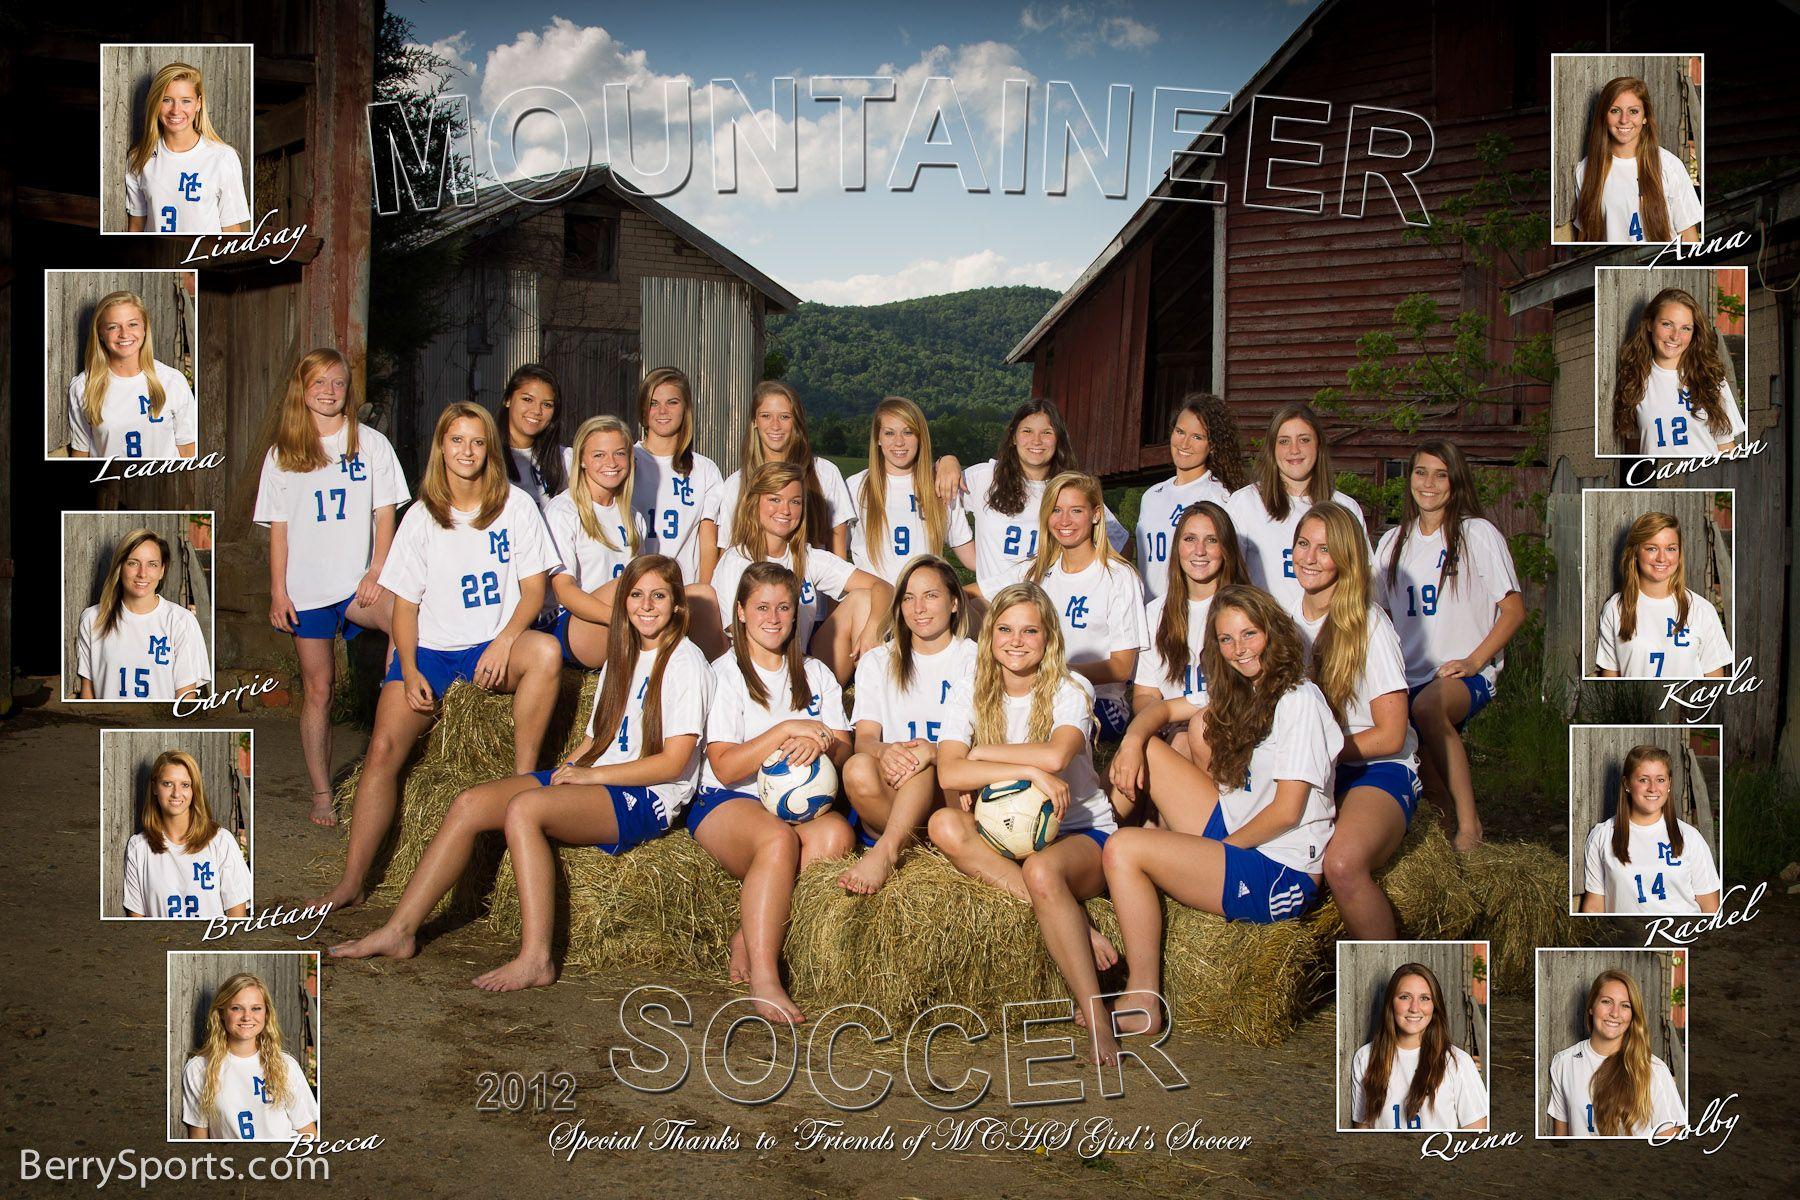 The 2012 Mchs Varsity Girl S Soccer Poster Soccer Photography Sports Team Photography Soccer Team Pictures